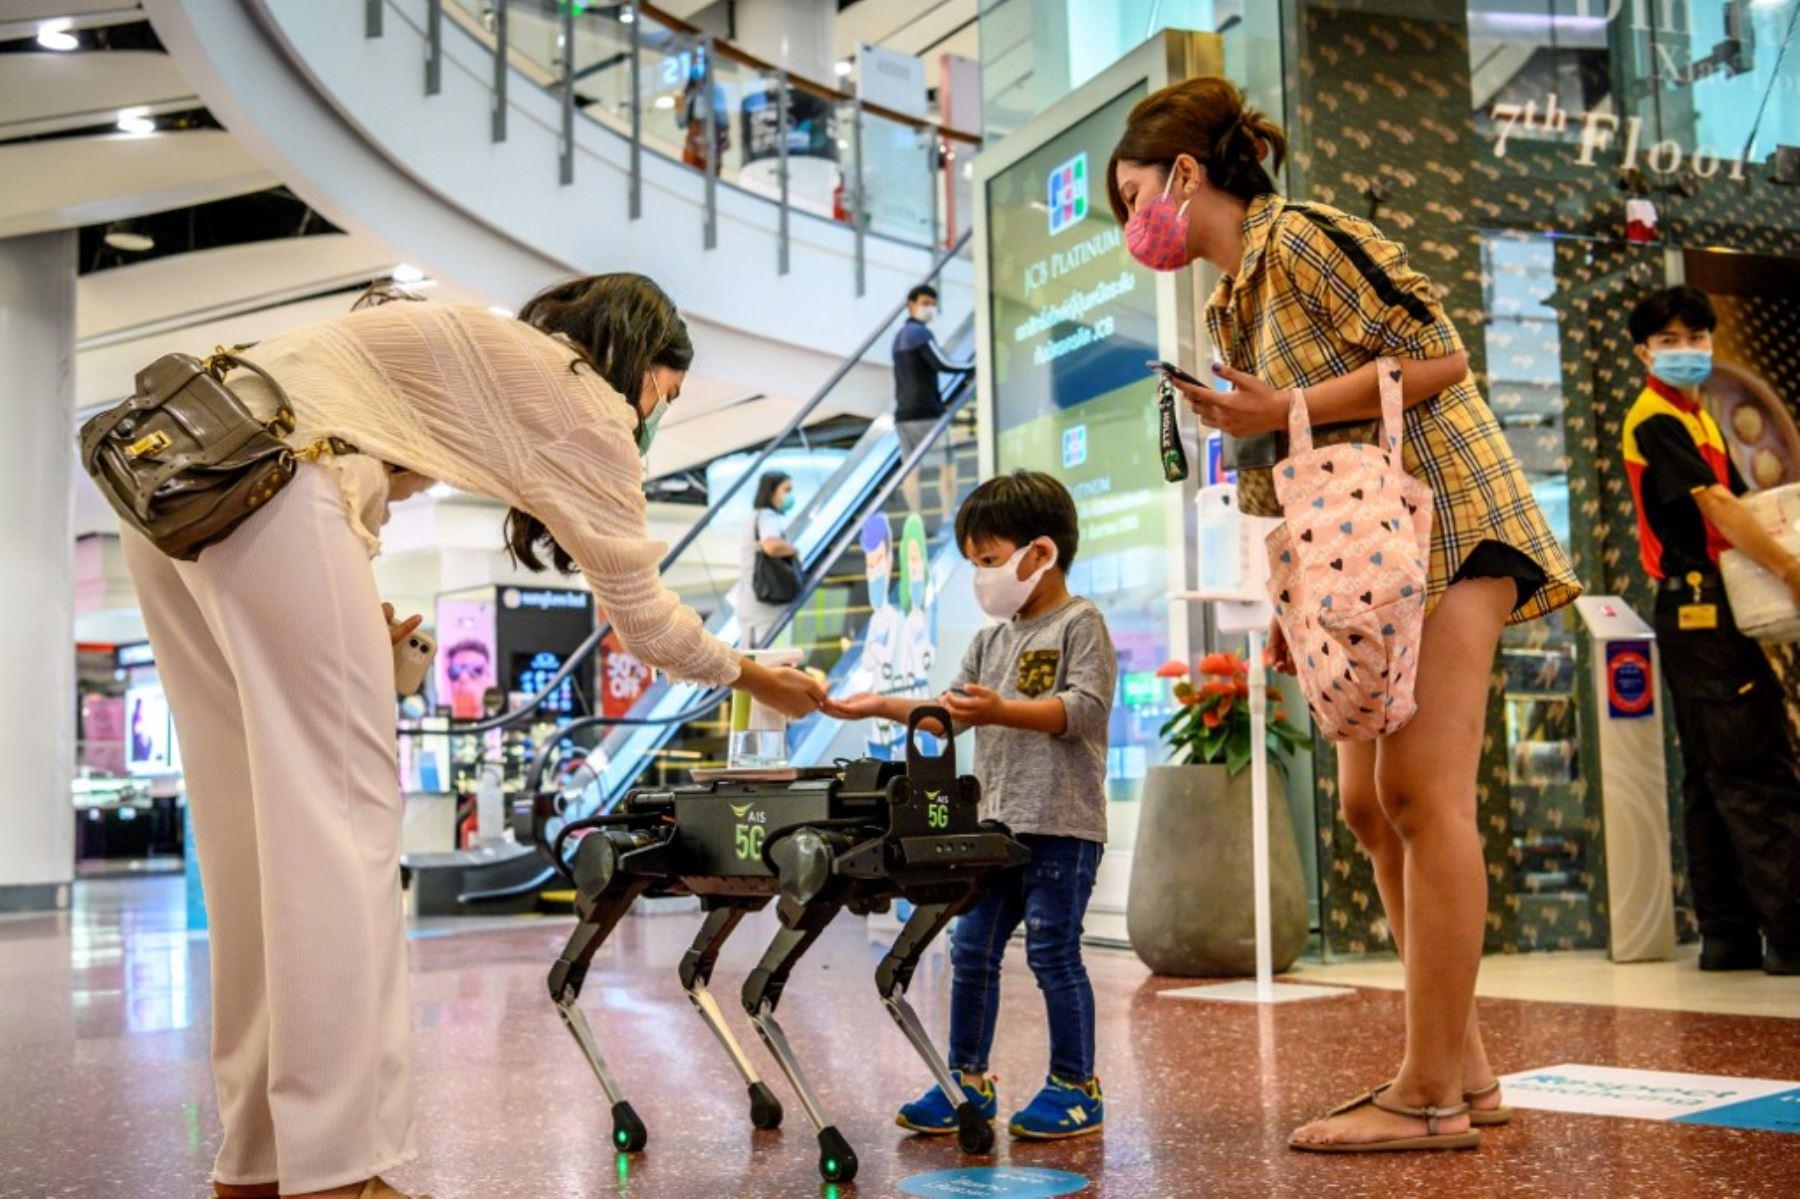 Un robot 5G K9 distribuye desinfectante de manos a los visitantes en un centro comercial en Bangkok, a medida que los sectores de la economía vuelven a abrir después de las restricciones para detener la propagación del nuevo coronavirus COVID-19. Foto: AFP